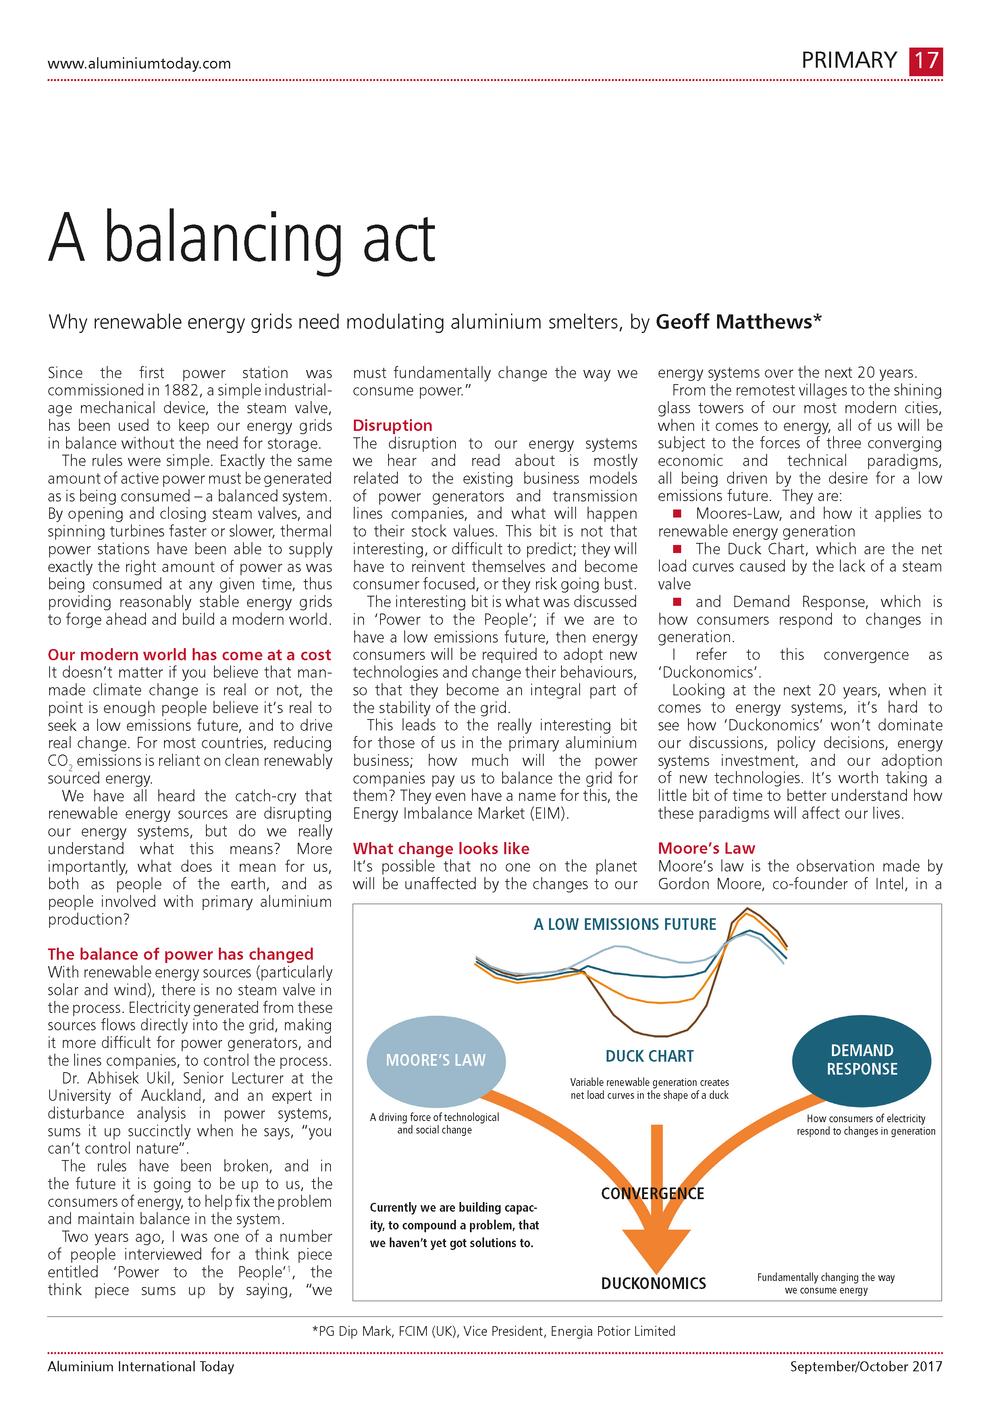 A Balancing Act_Page_1.png